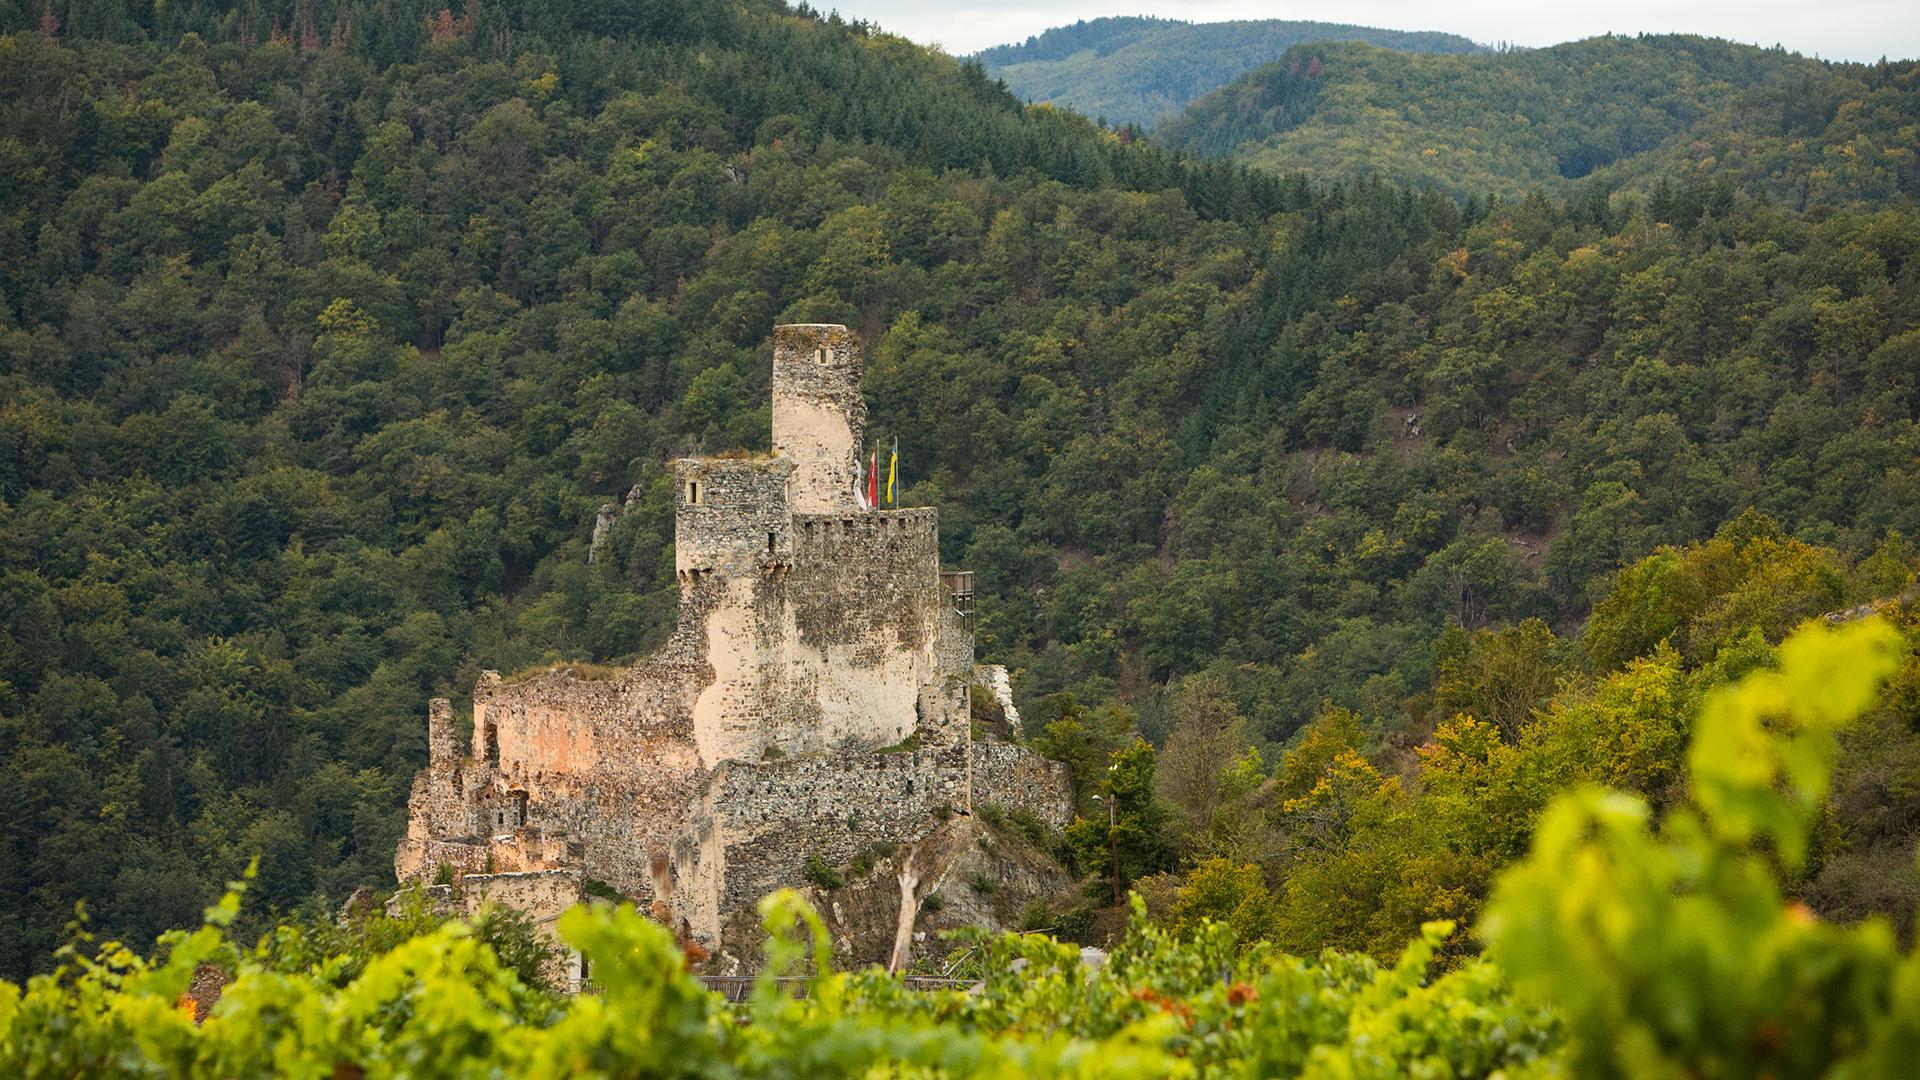 Foto: Verein zur Erhaltung der Burgruine Senftberg